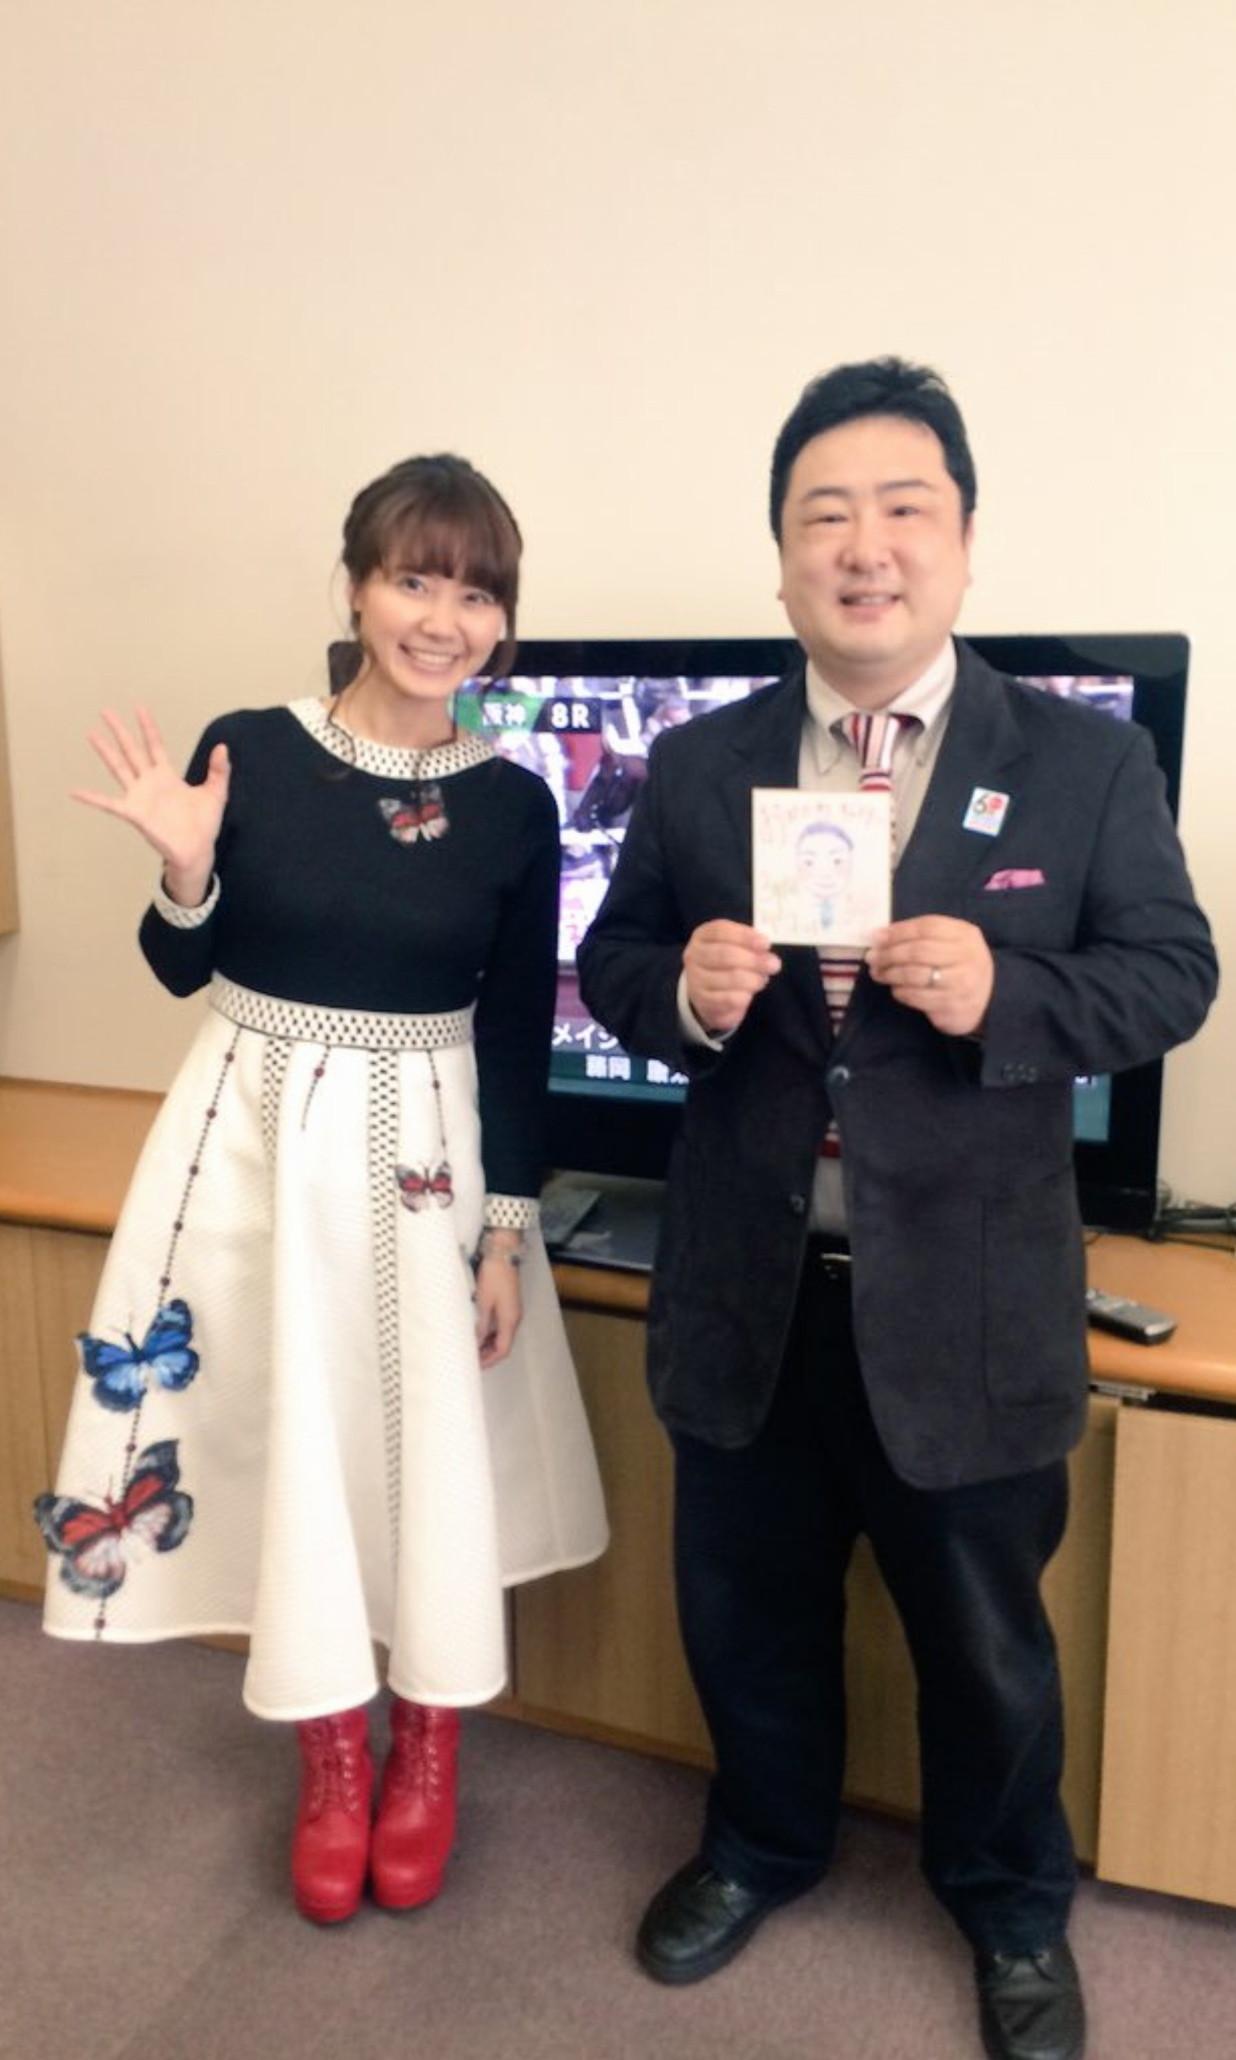 Mikio_Osawa_with_Sami_Kuribayashi